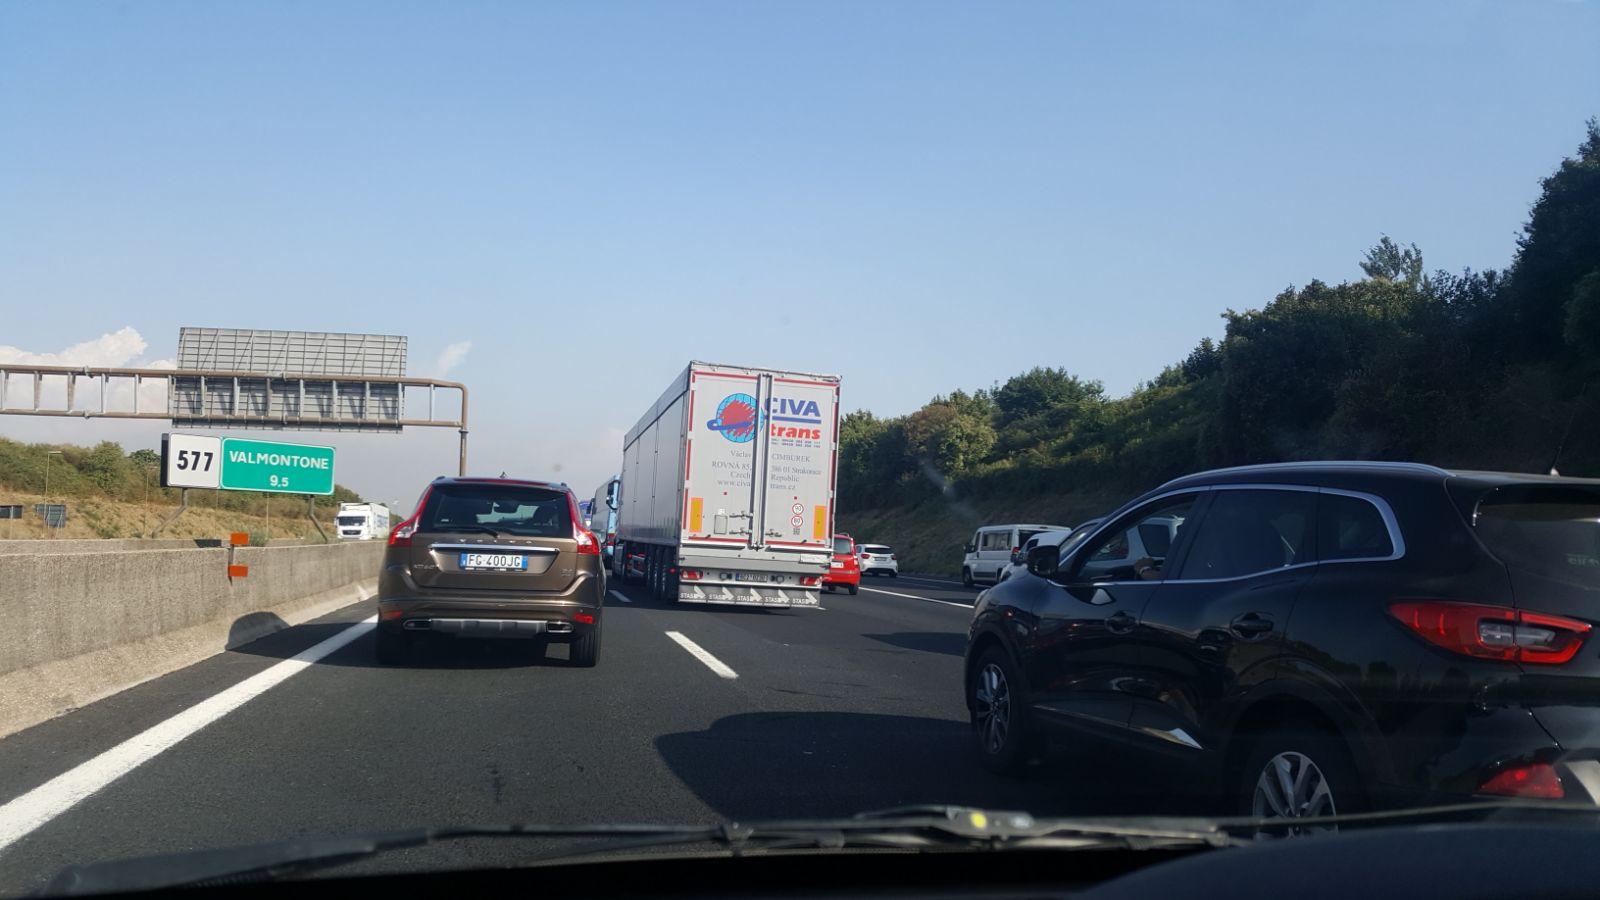 Autostrada A1 incidente 16 luglio 2019 Roma Sud Valmontone